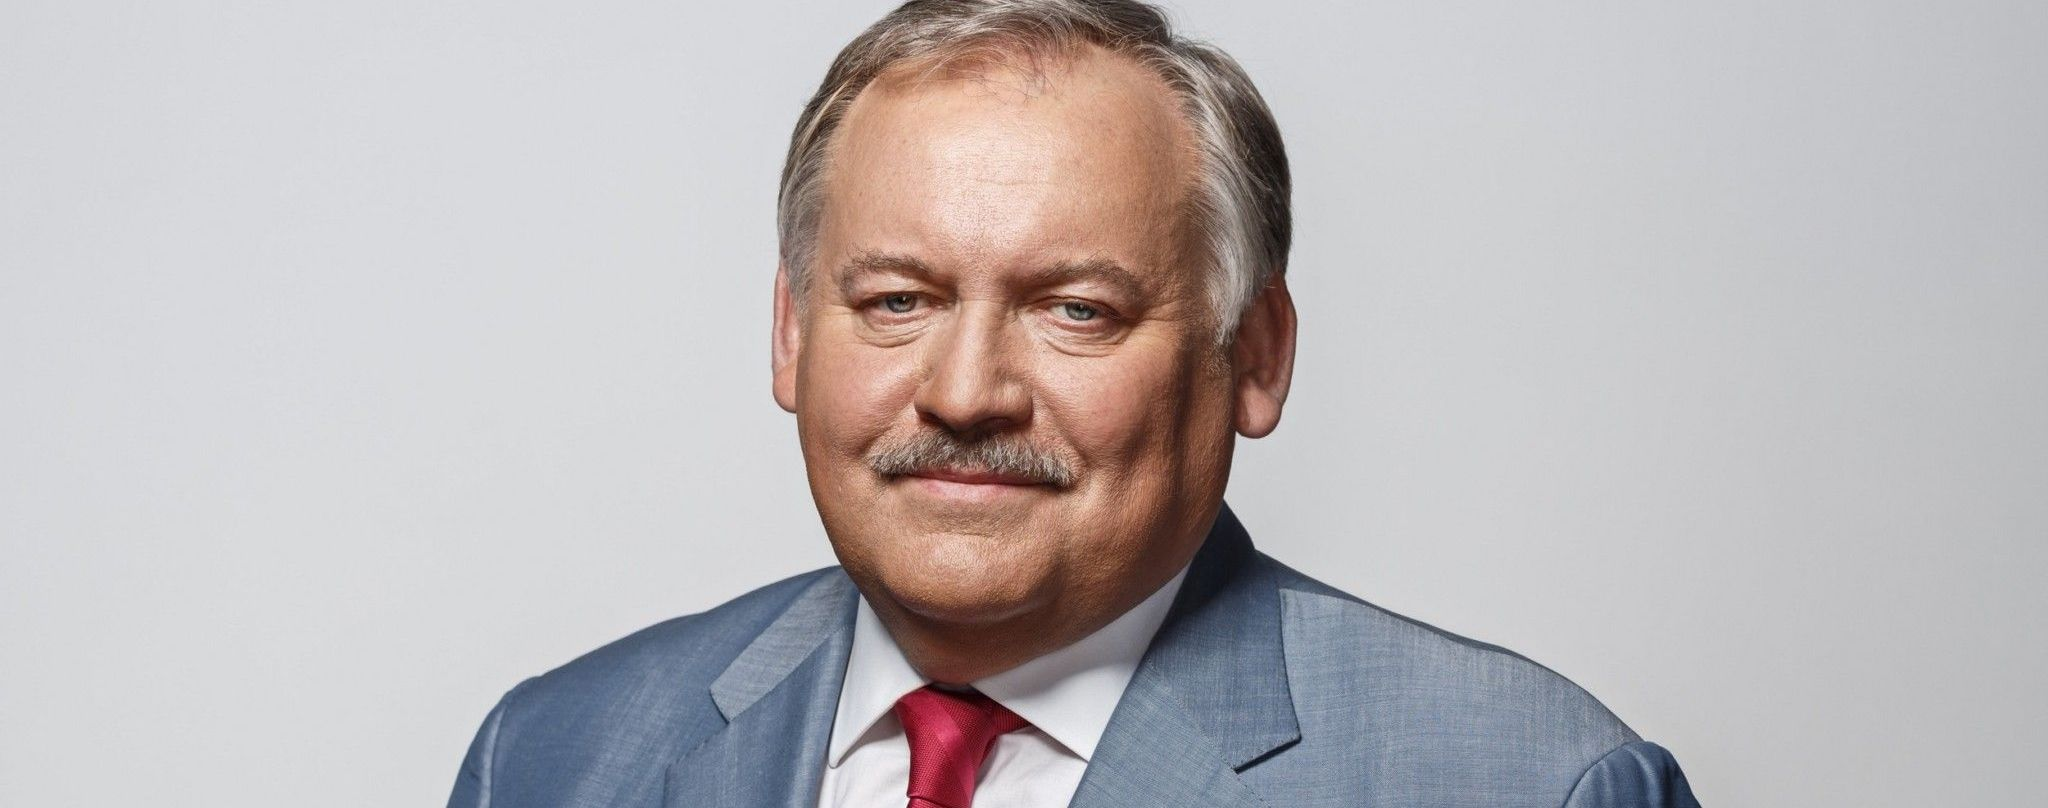 """У """"Держдумі"""" РФ запропонували денонсувати договір про територіальні межі України"""